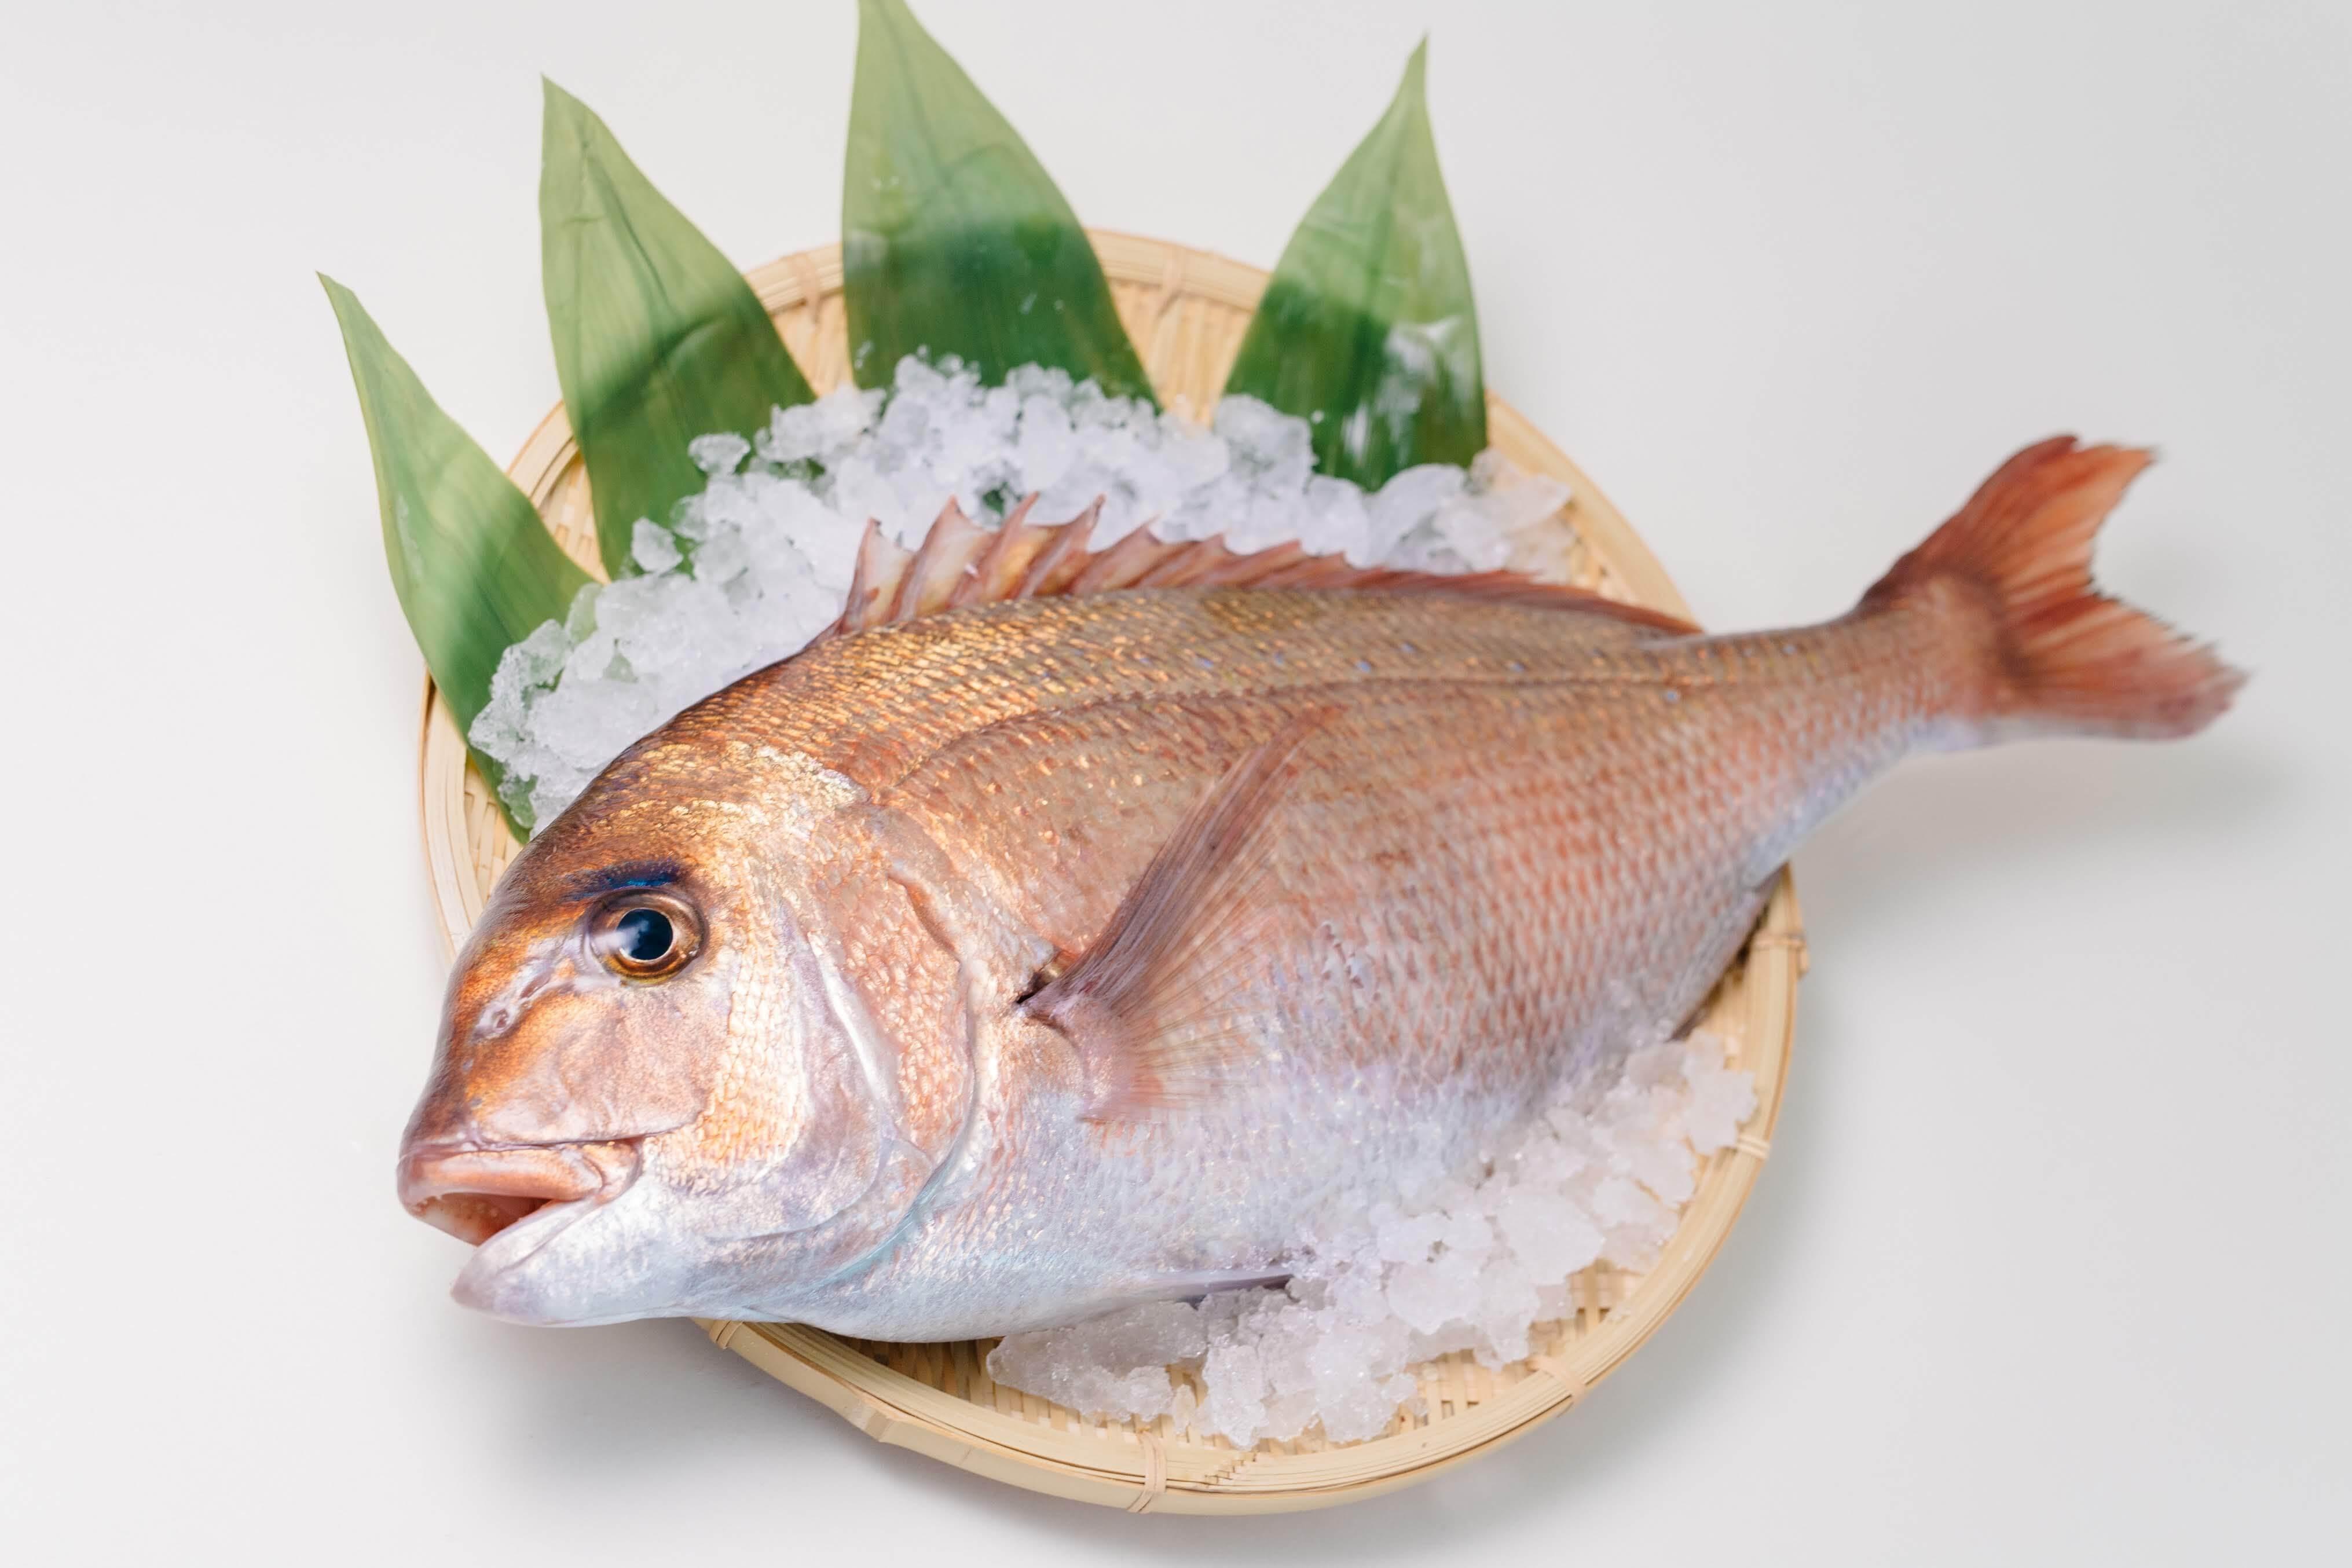 丸っと1尾⭐︎真鯛をお届け!(3~4人前)ウロコ・内蔵処理済(冷蔵)